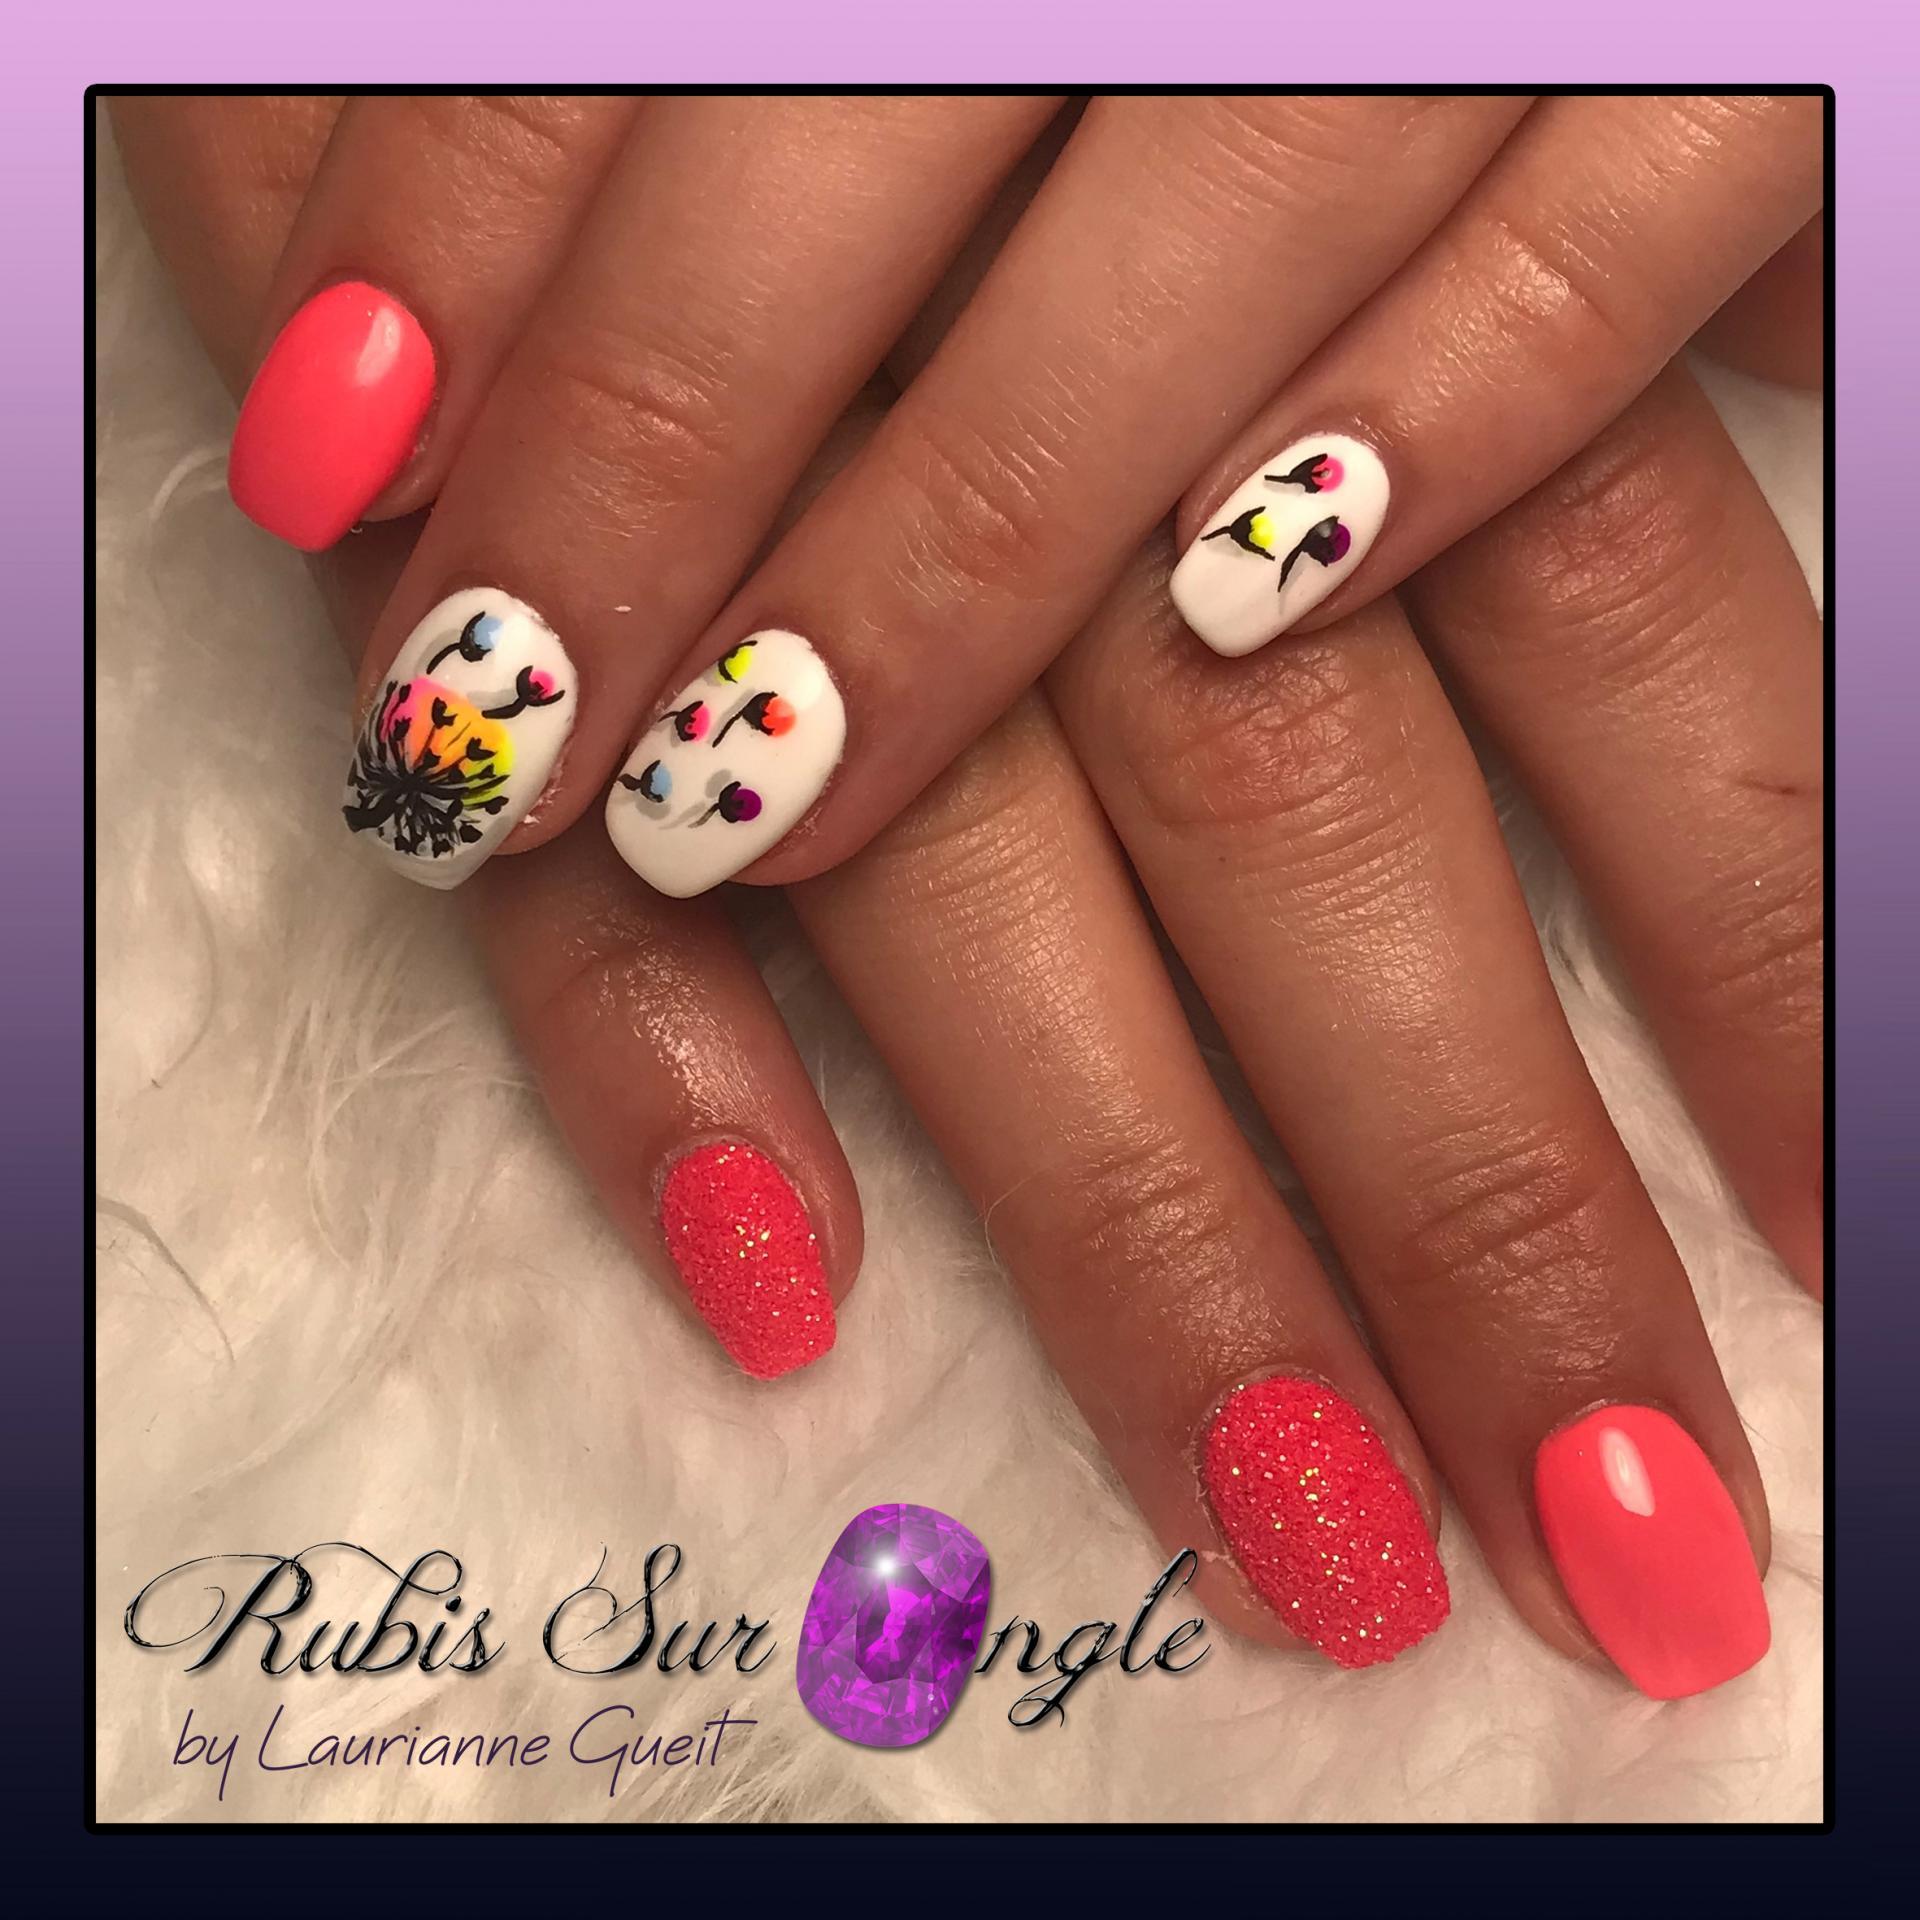 Rubis-Sur-Ongle-Nail-Art-Rose-Blanc